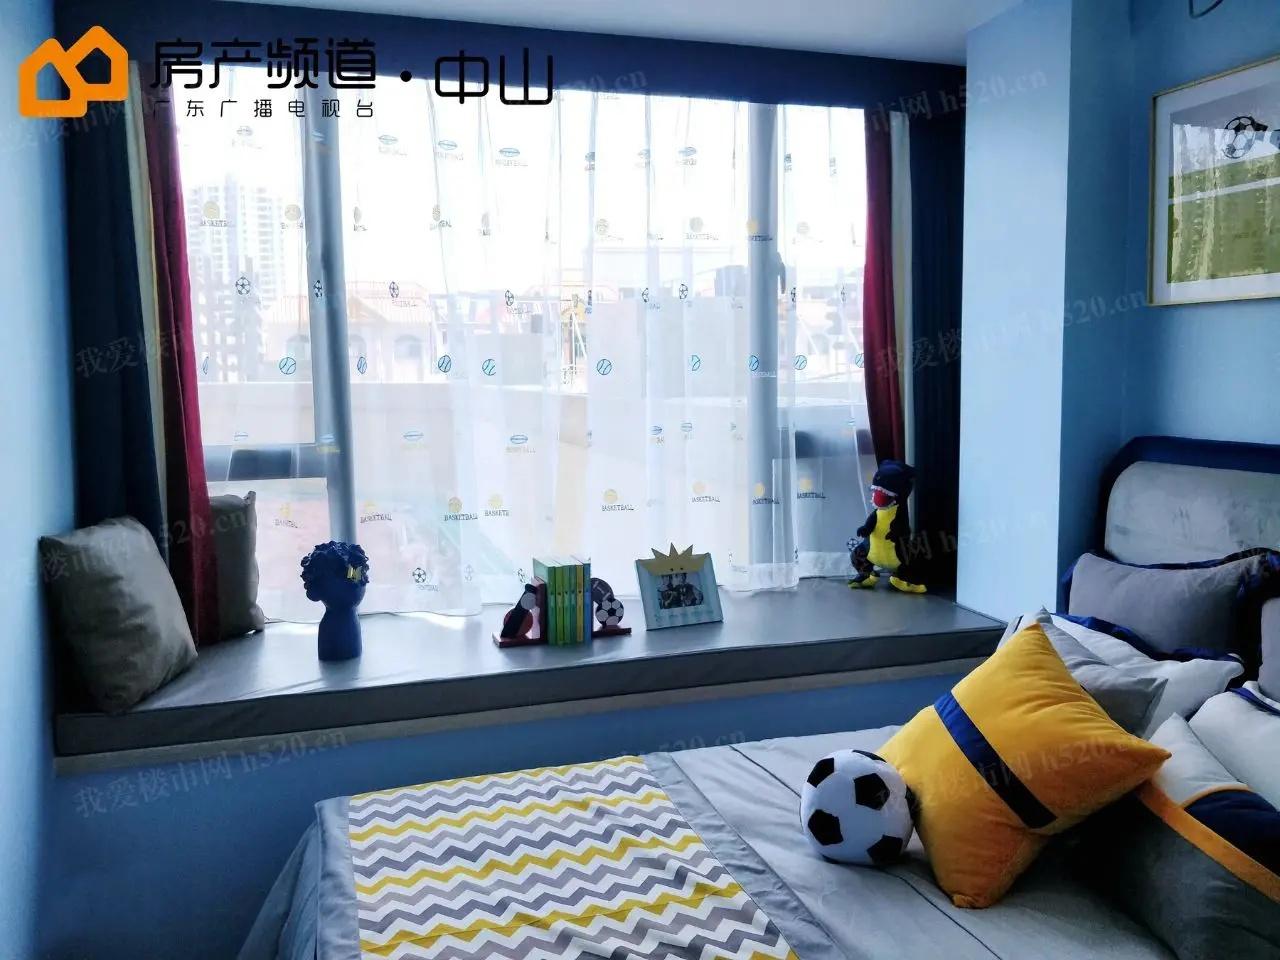 部分房间内飘窗设计,方便拓展空间